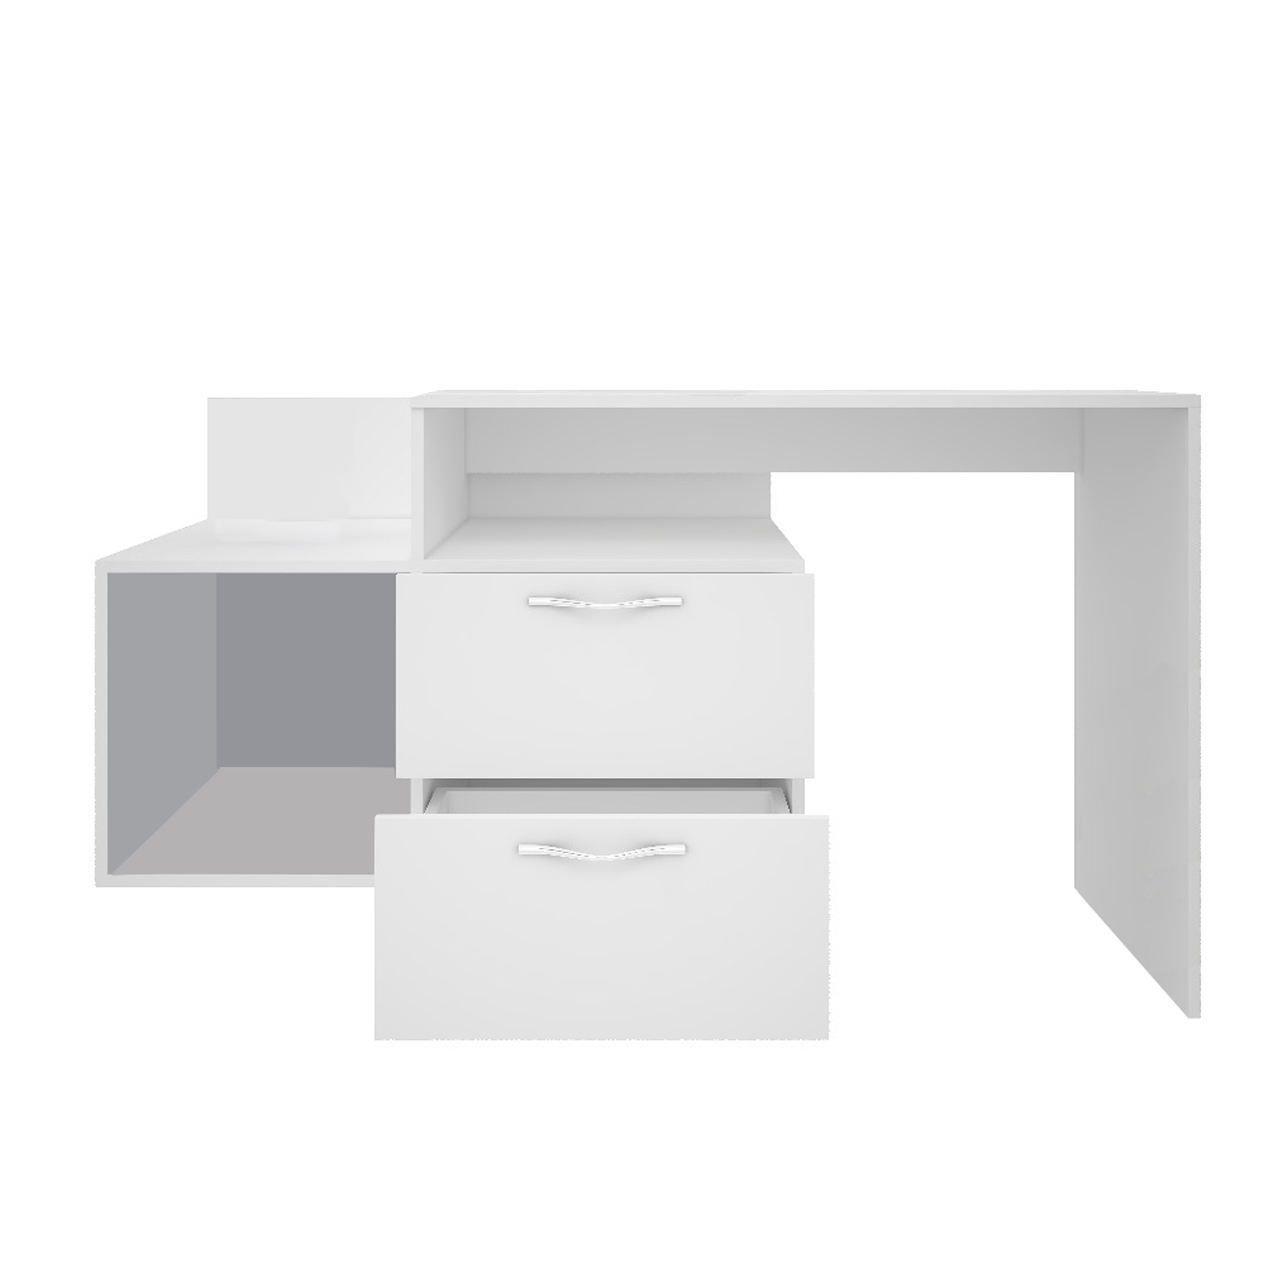 میزتحریر ب لج مدل M134 Filing Cabinet Home Decor Furniture